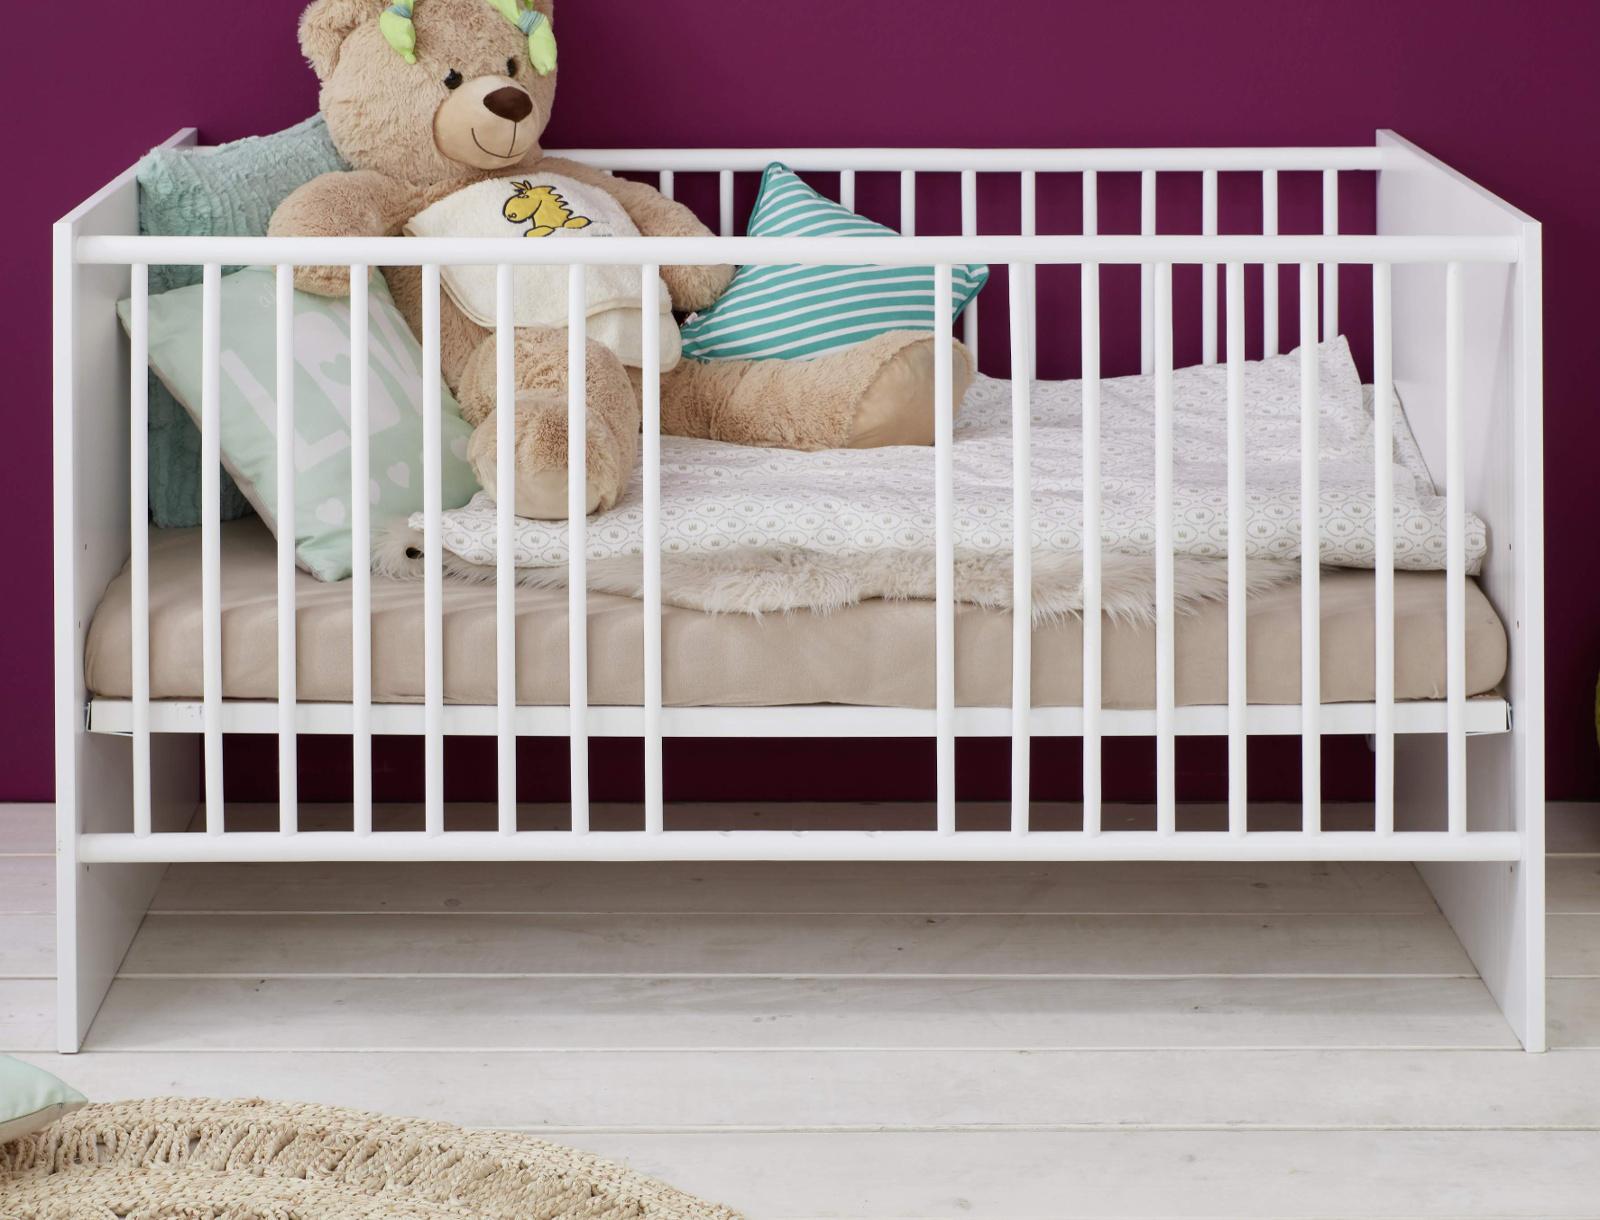 babyzimmer clever komplett set 3 teilig. Black Bedroom Furniture Sets. Home Design Ideas